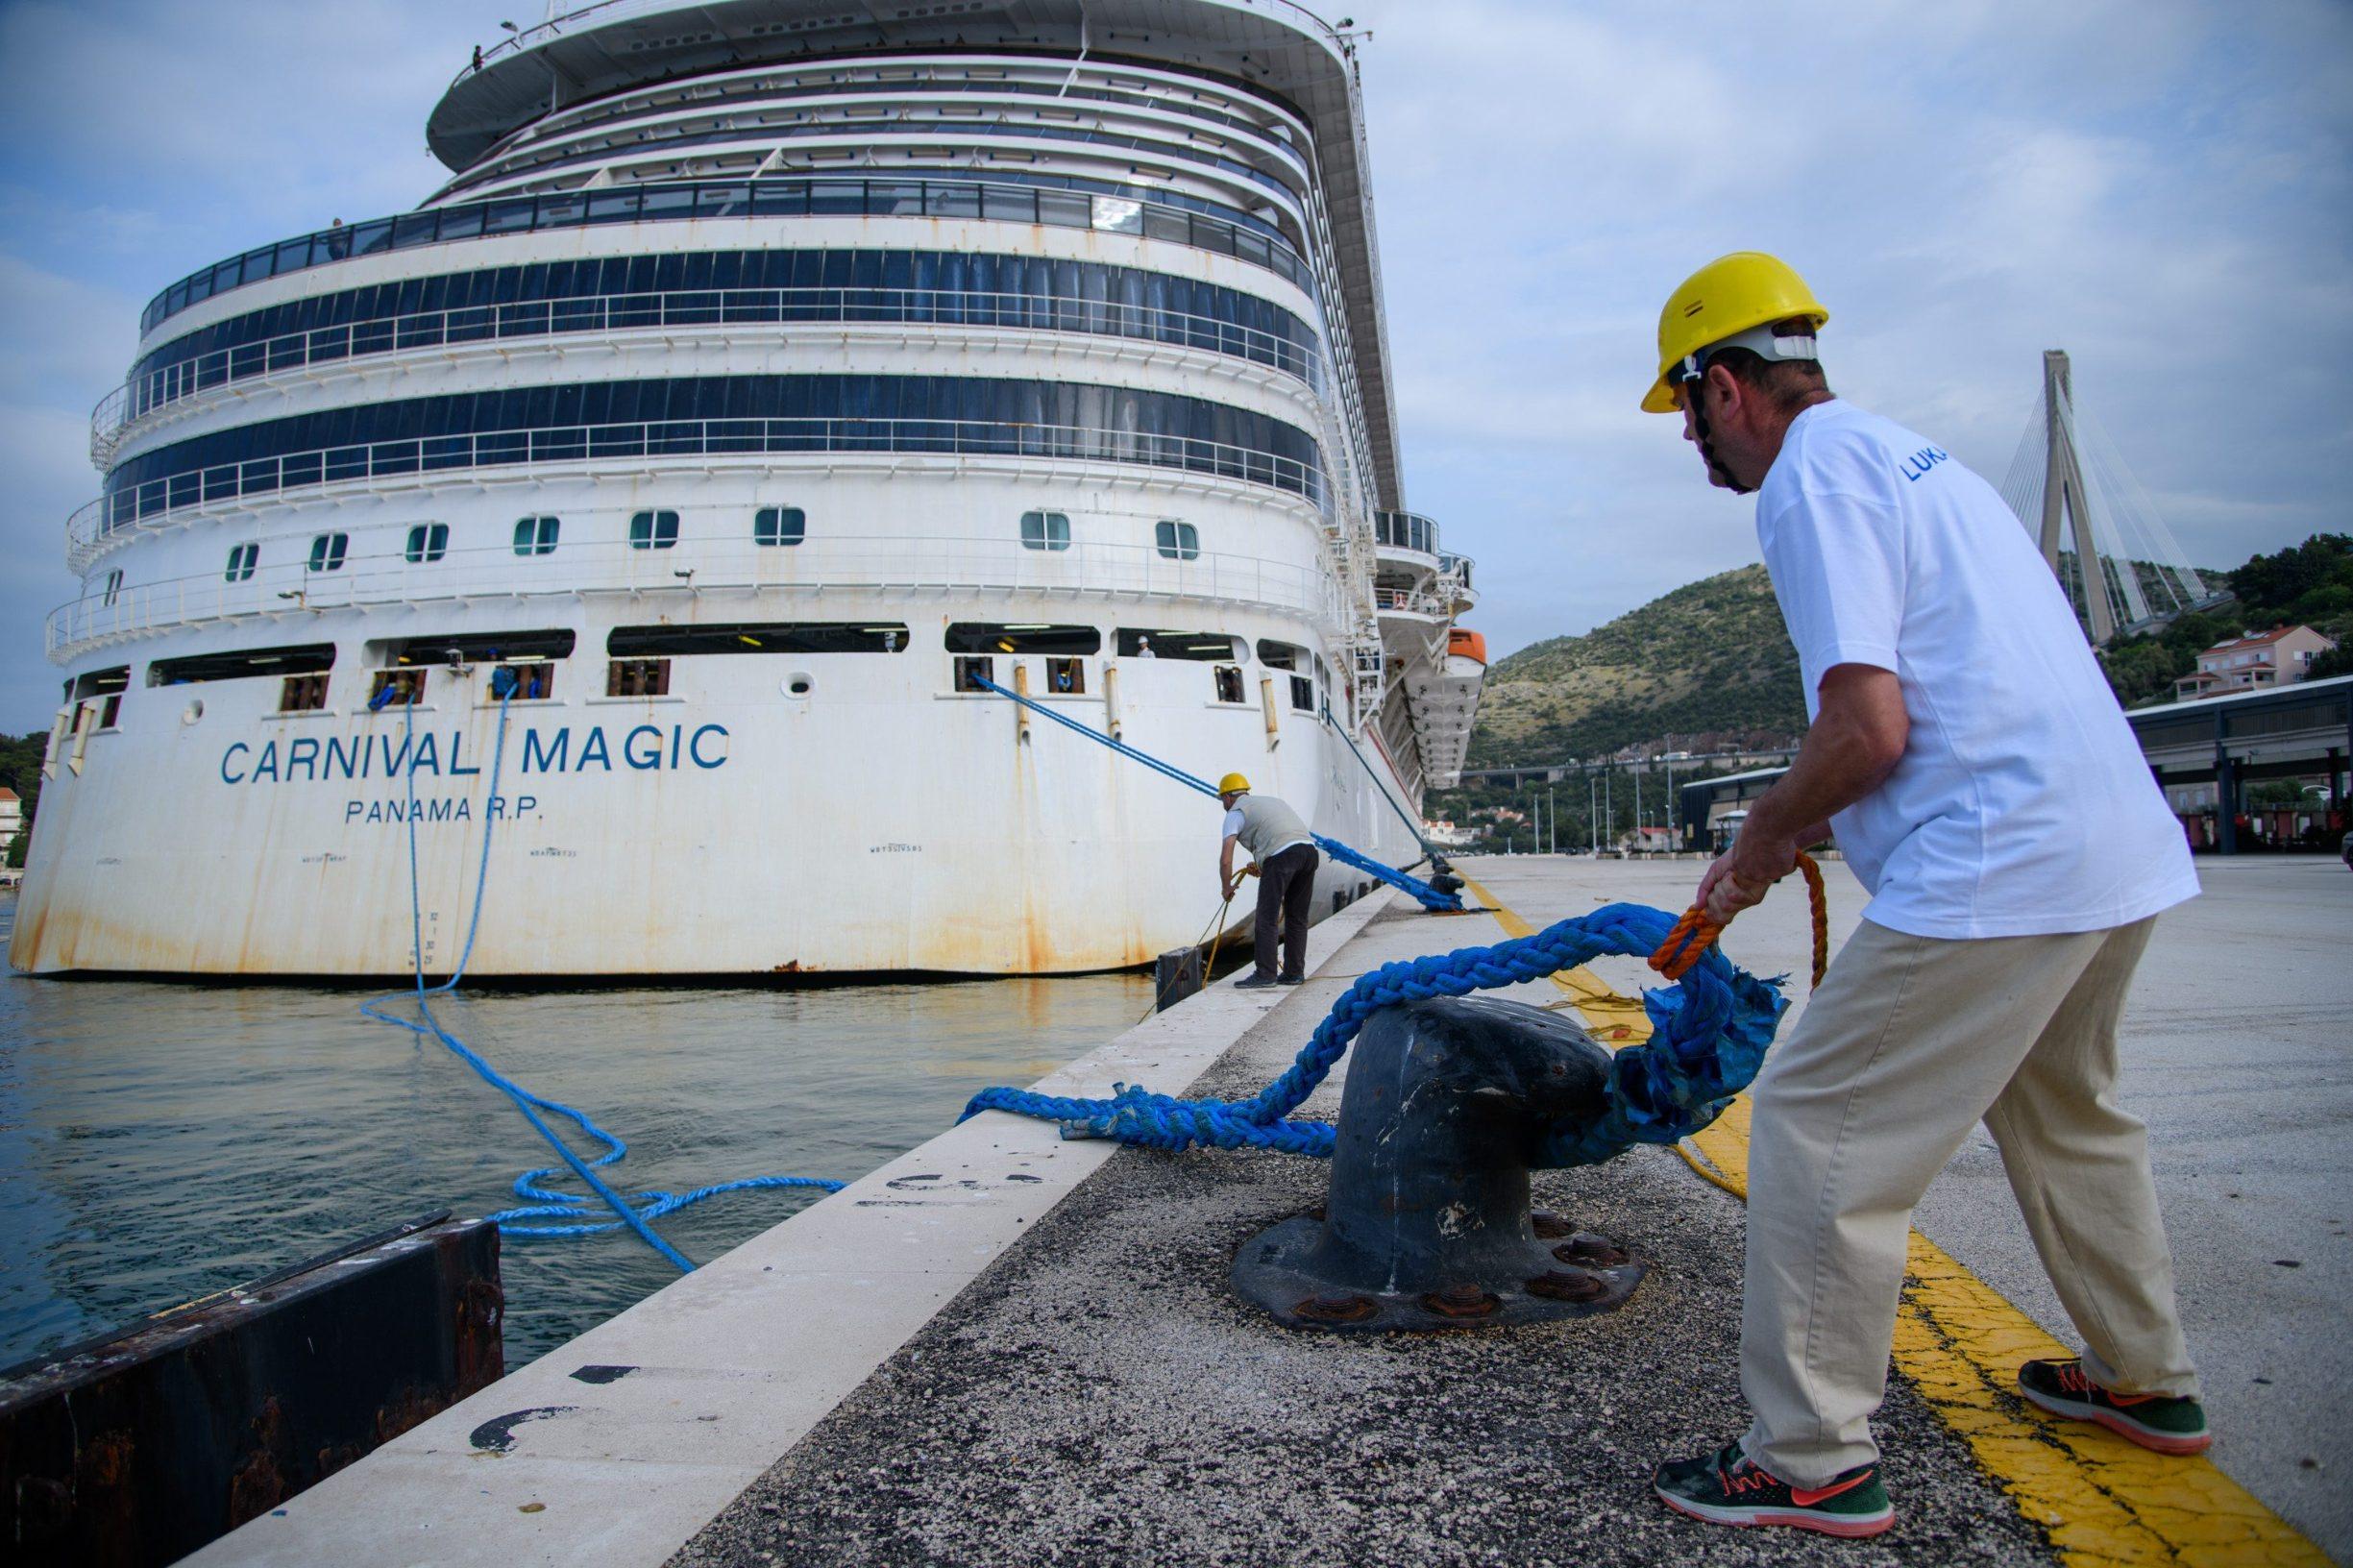 Dubrovnik, 200520. Pomorci nakon mjeseci provedenih u izolaciji na brodovima uplovili kruzerom Carnival Magic u grusku luku. Foto: Tonci Plazibat / CROPIX